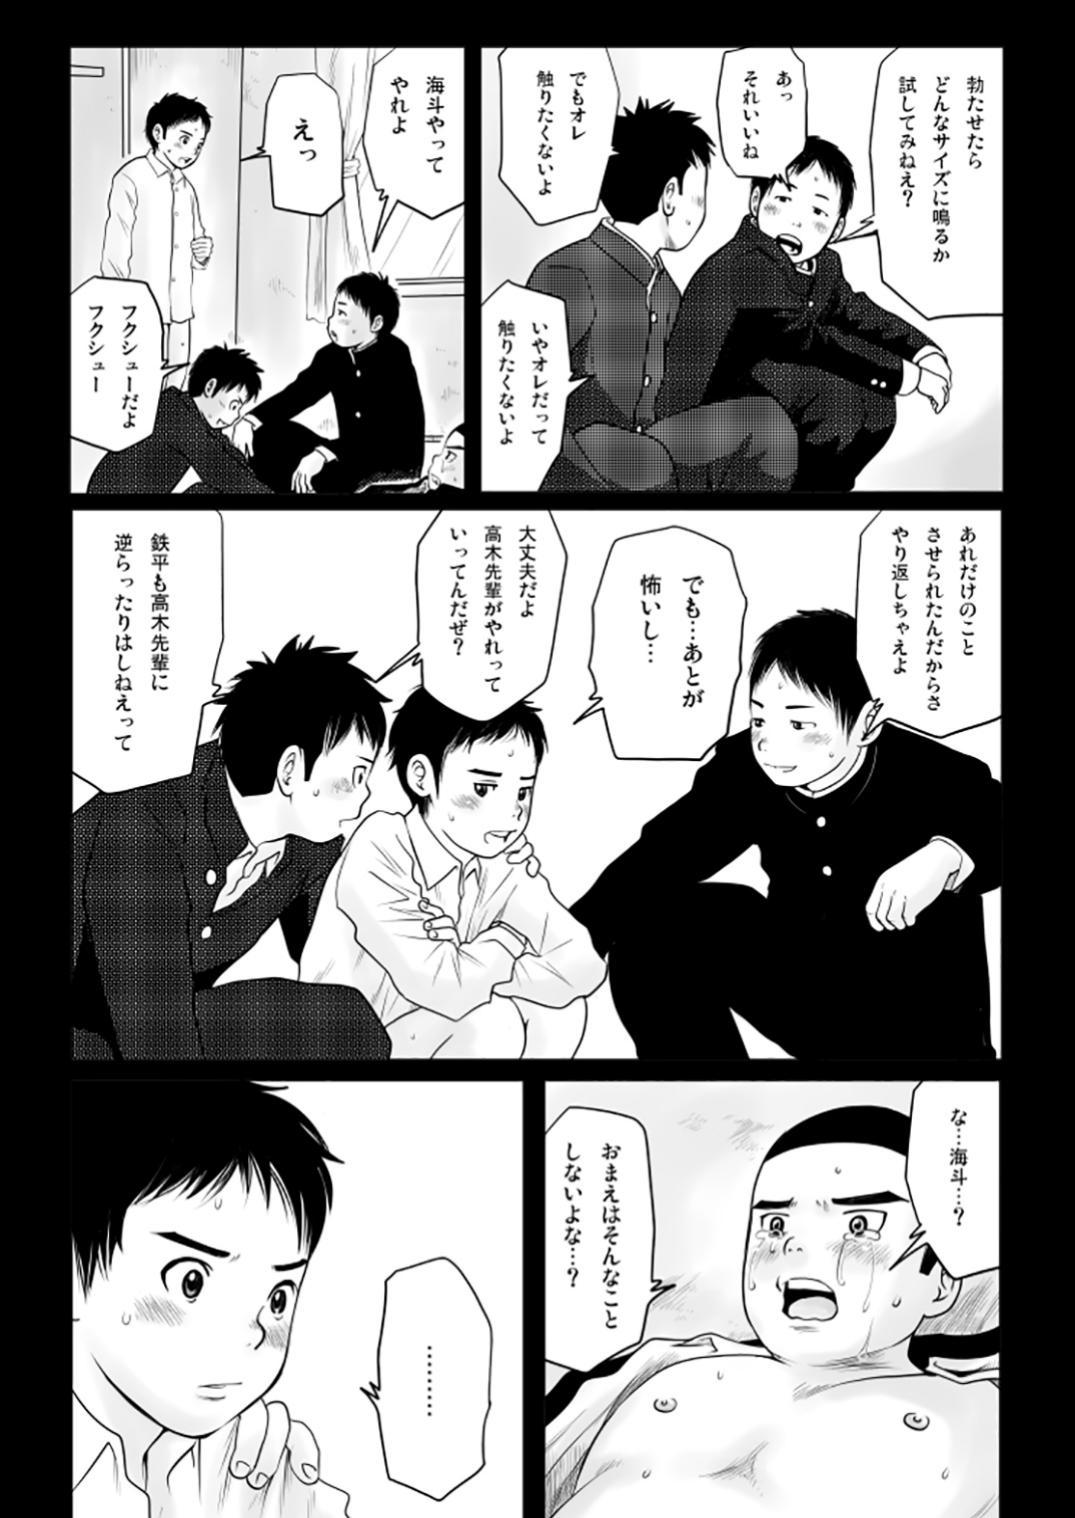 Harushota Shishunki Kāsuto 2 23